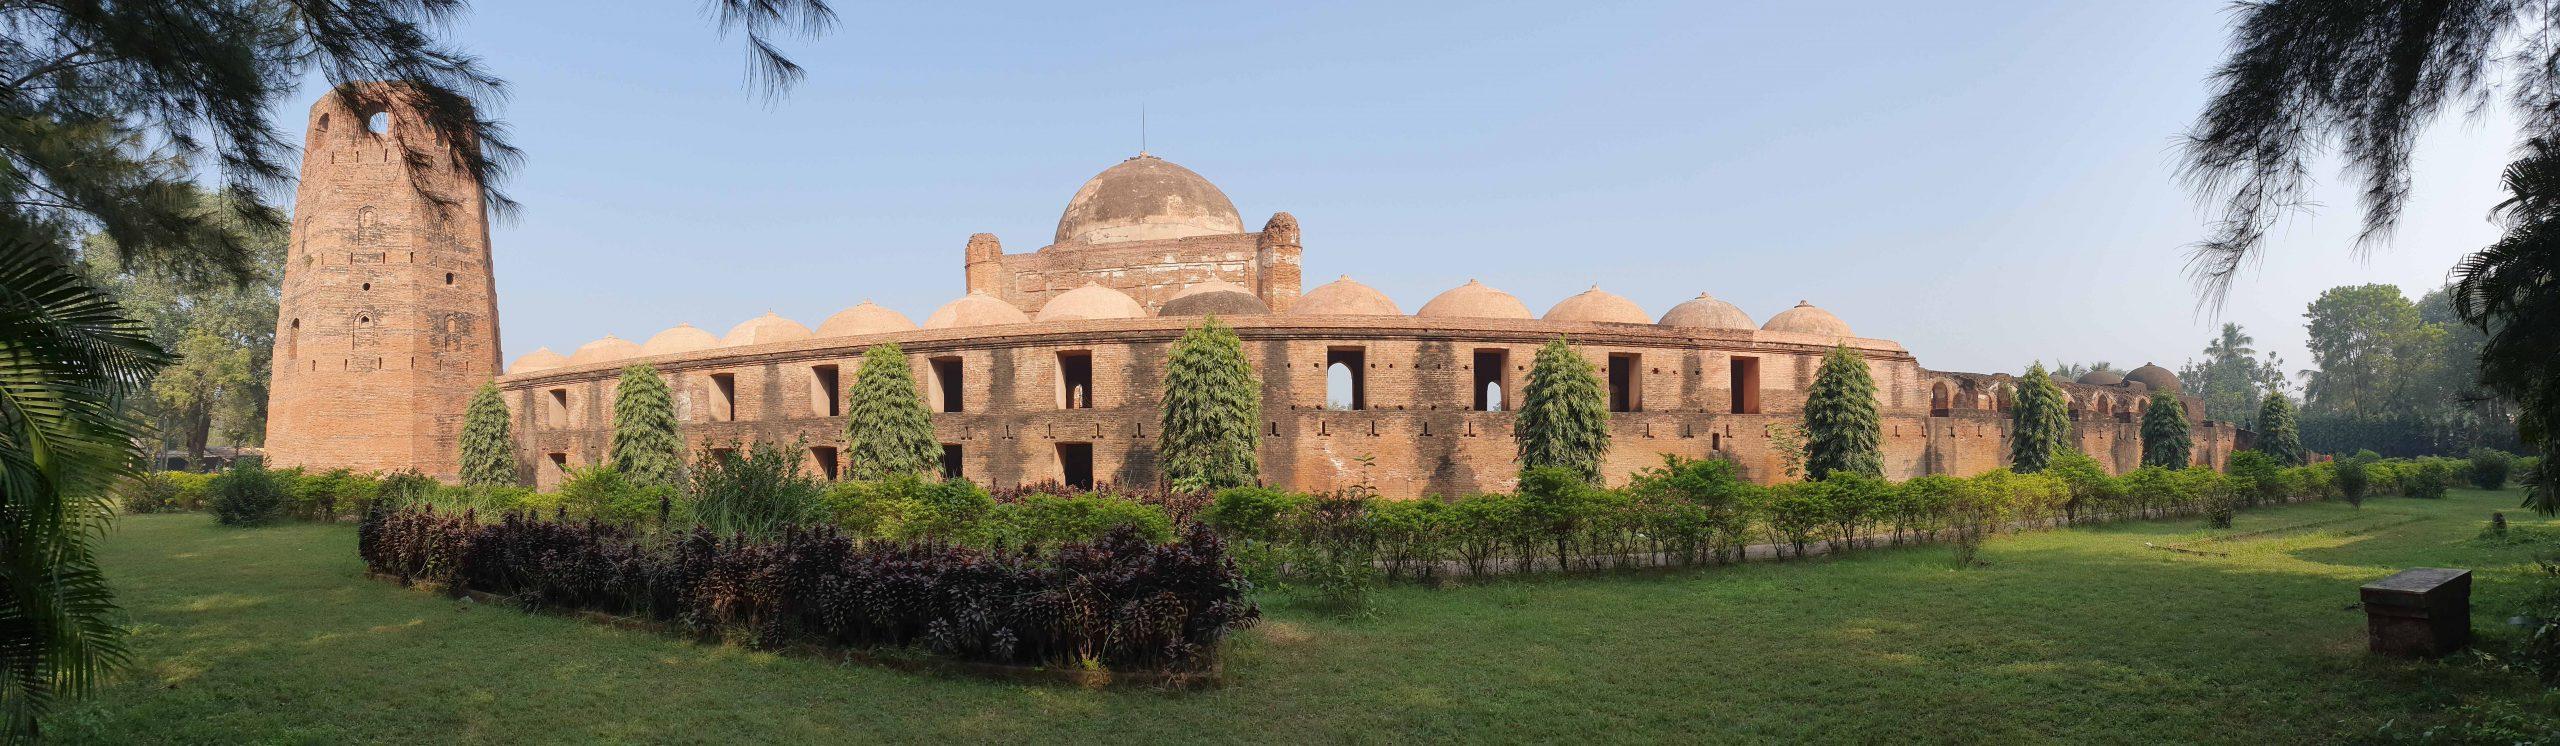 Murshidabad … Beginning of colonial era for 200 years